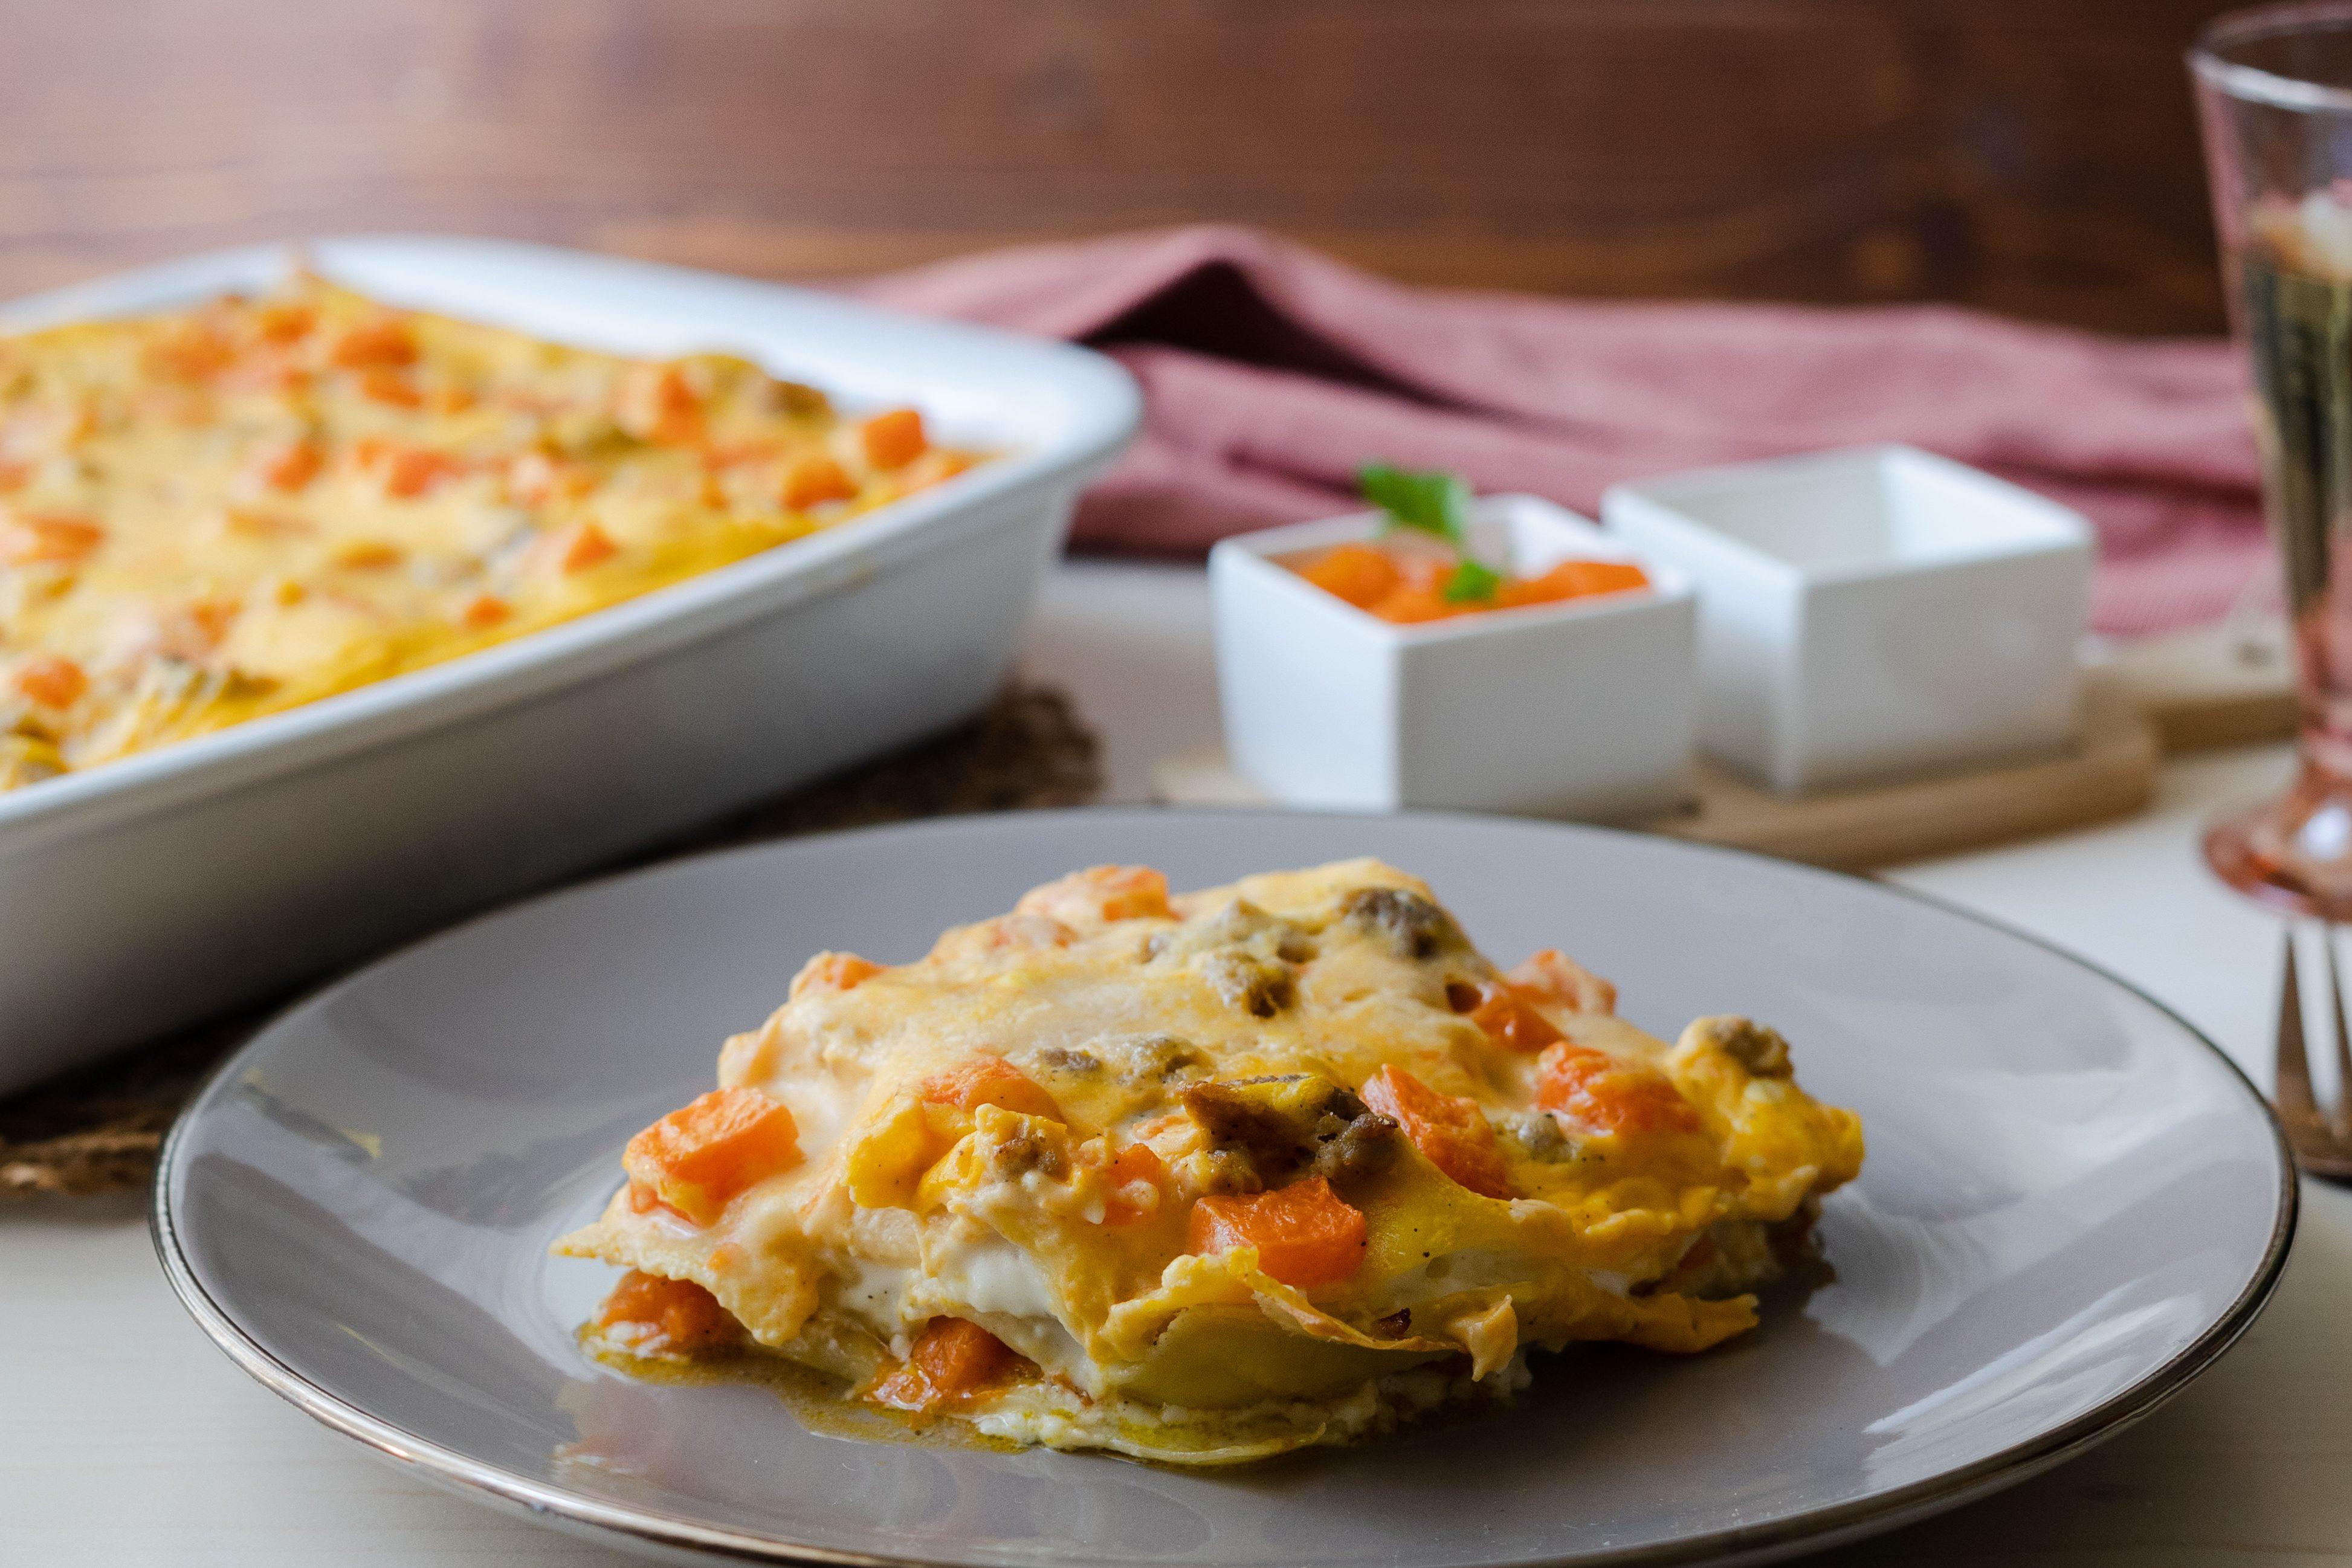 Lasagna zucca e salsiccia: la ricetta del primo piatto ricco e cremoso